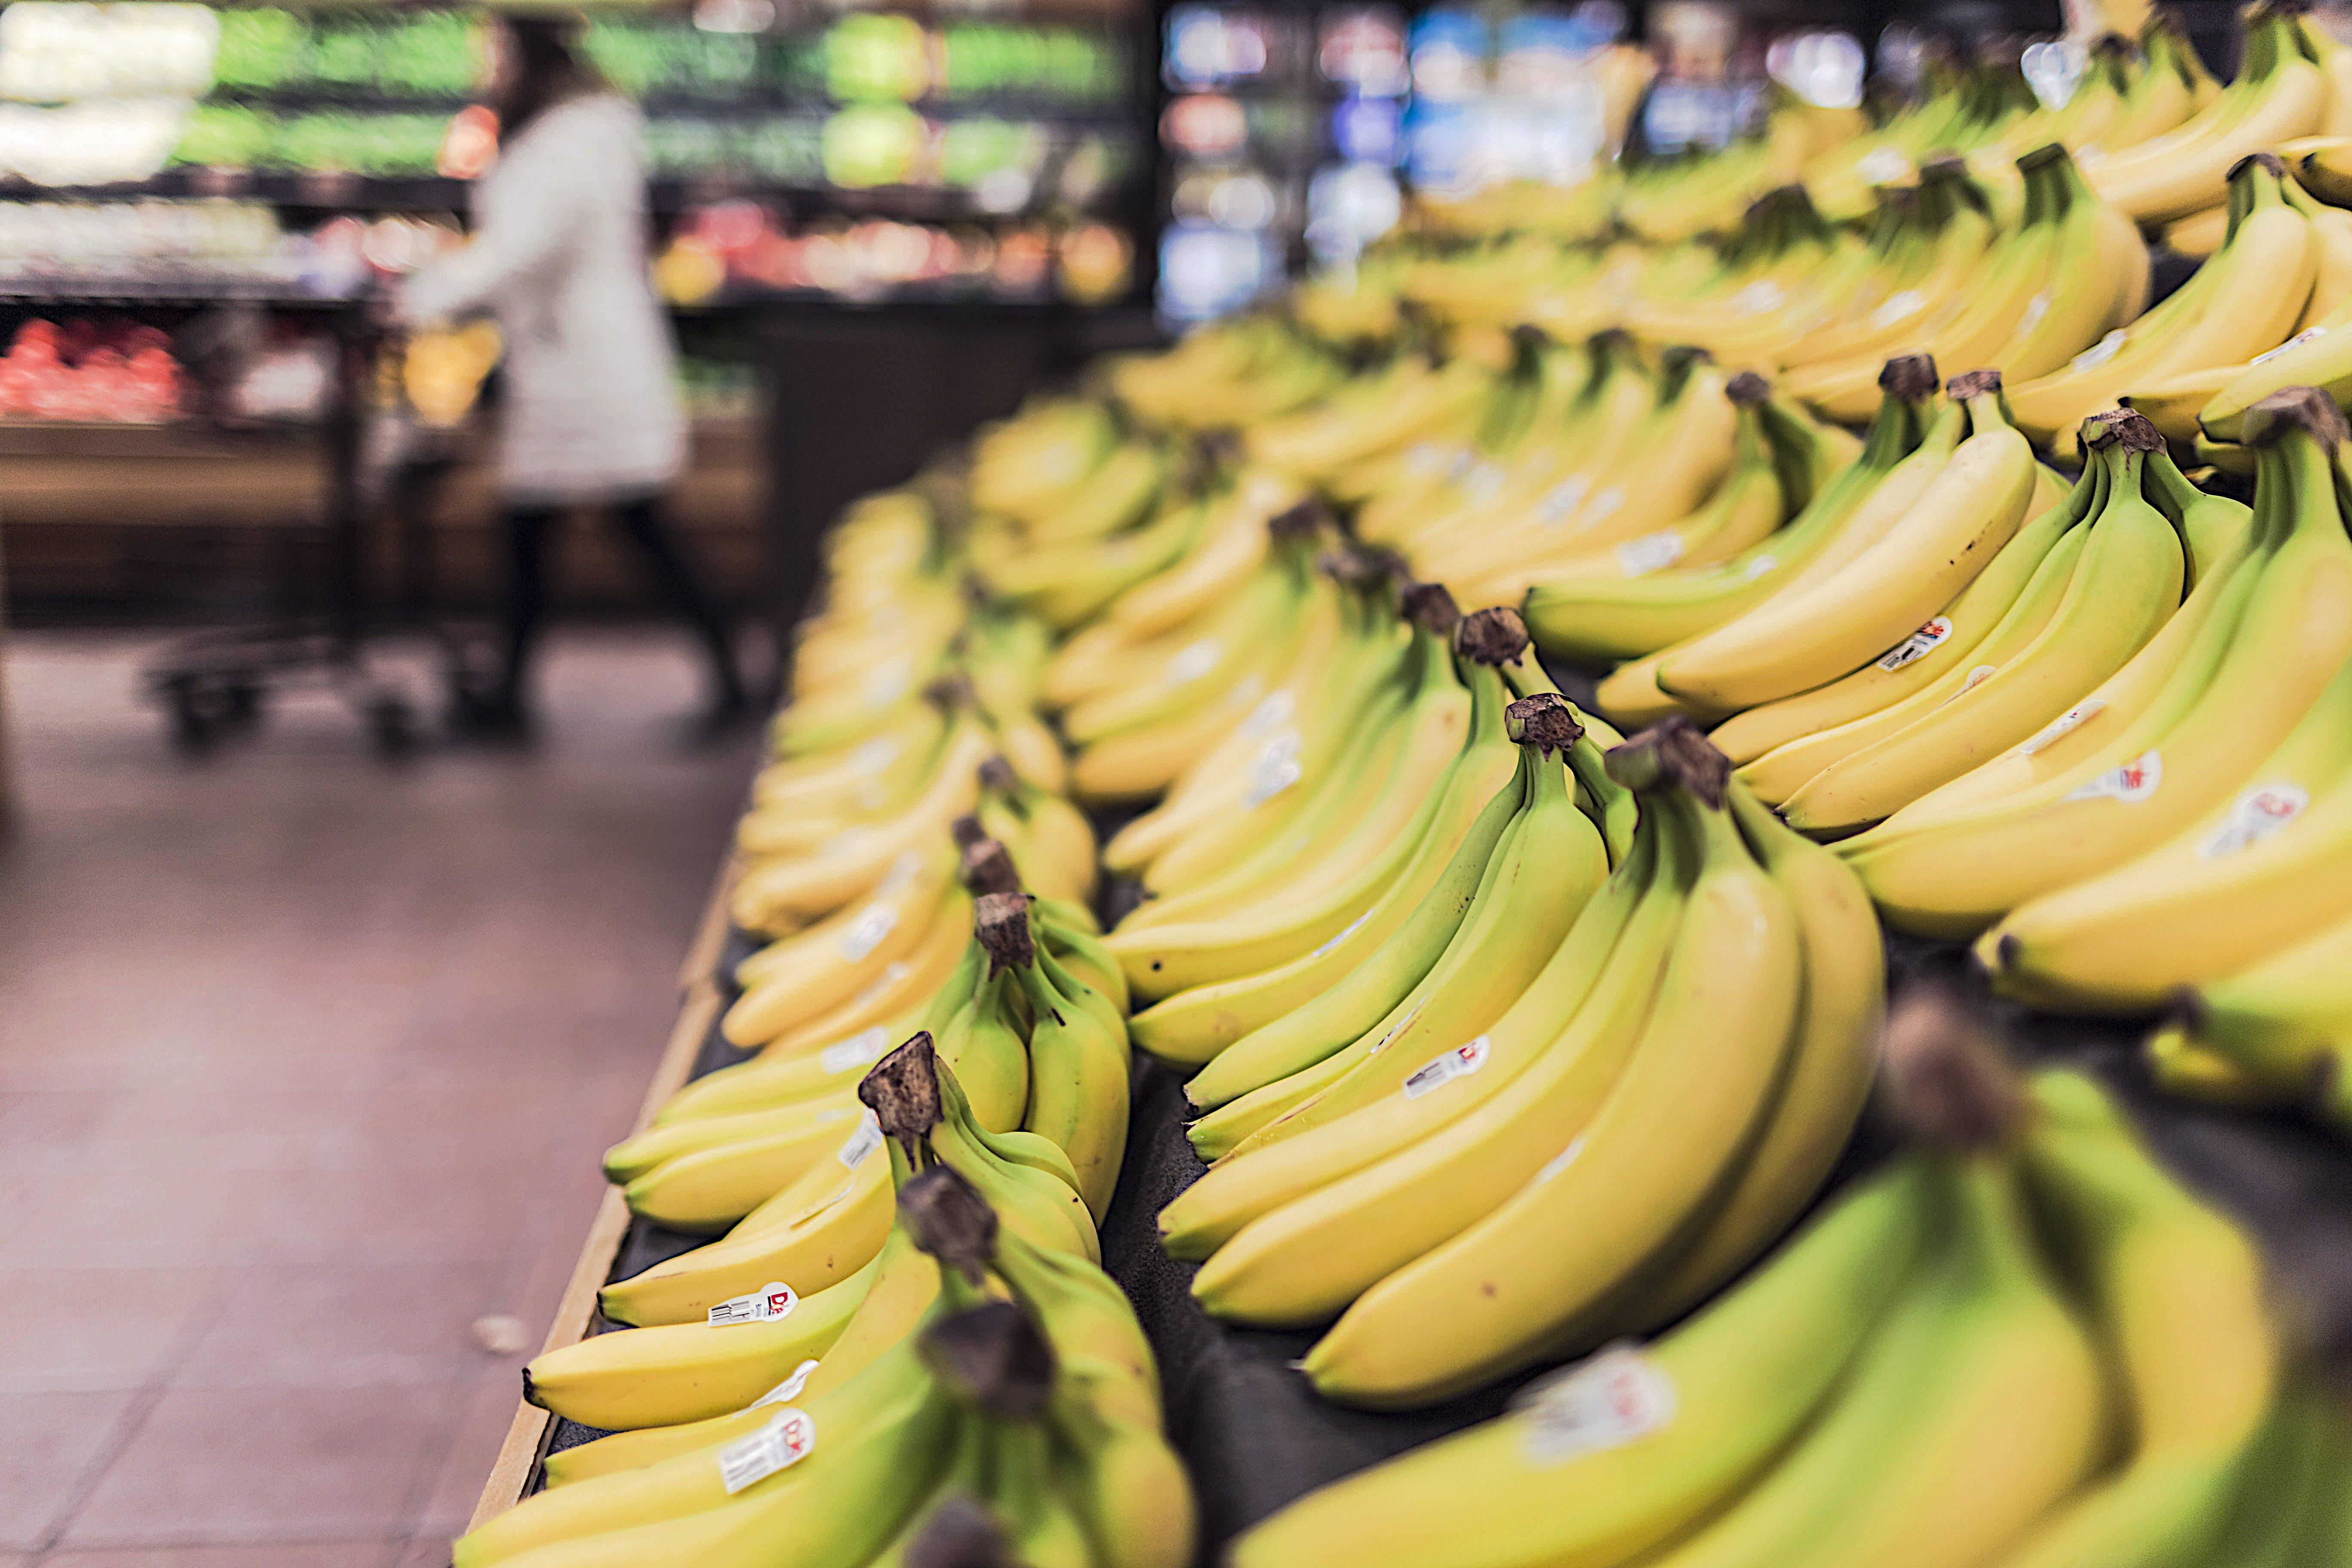 Kipusztulhat a banánfaj, amely megmenthet minden más banánt a kipusztulástól